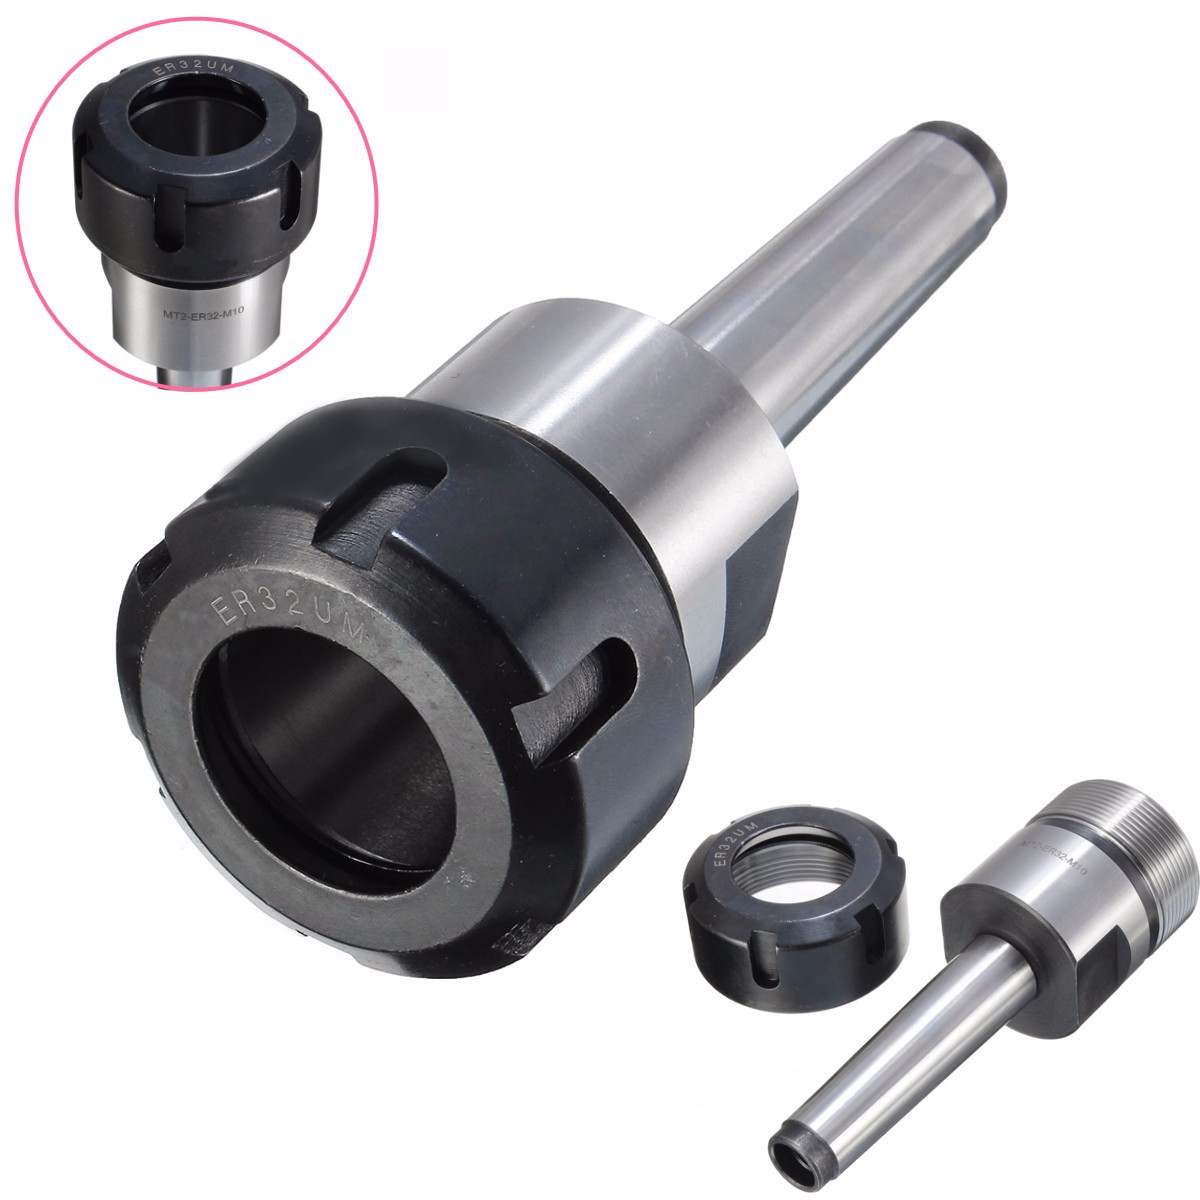 1pcs MT2 ER32 Collet Chuck Morse Taper Tool Holder Machine Tool For CNC Lathe Milling MT2-ER32 Milling Chuck Holder